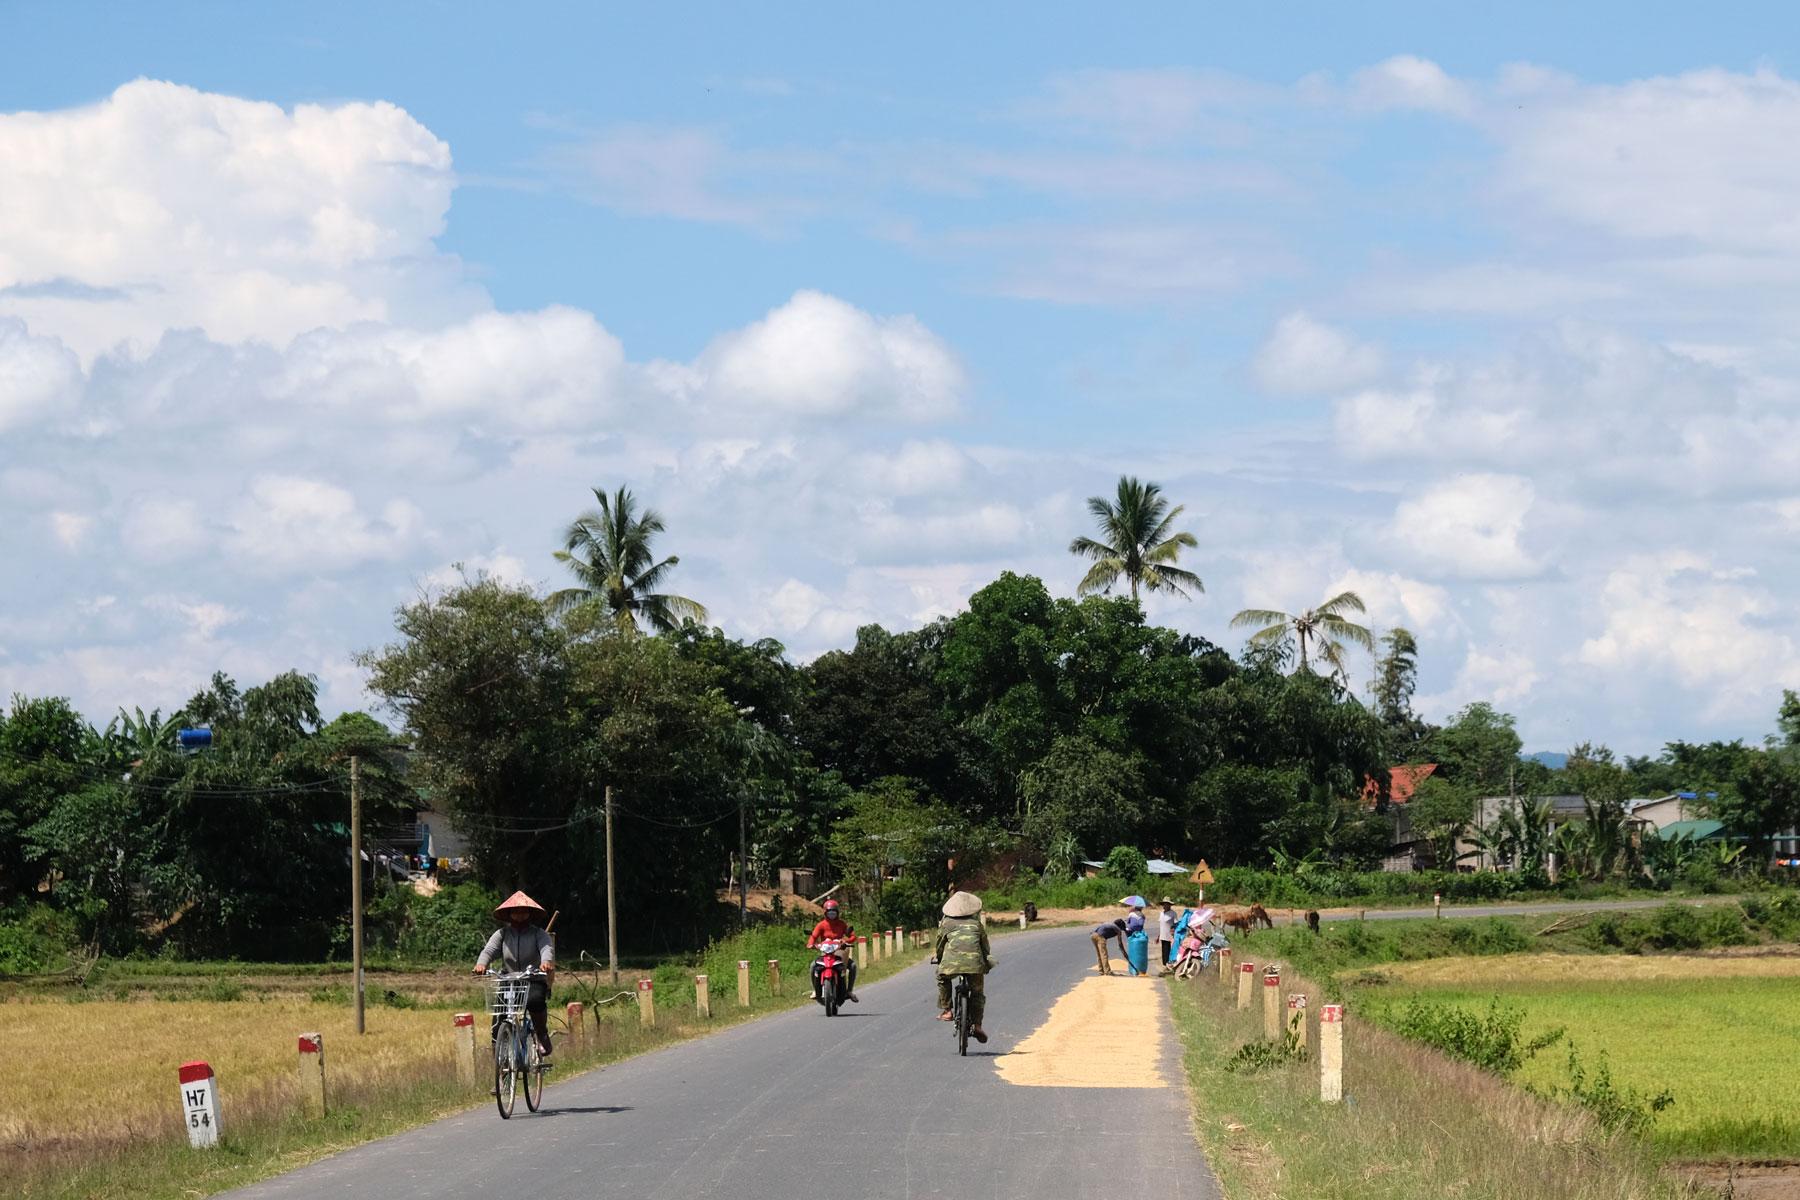 Auf der Straße ist eine Spur von Reis belegt, der hier zum Trocknen ausgebreitet wurde.